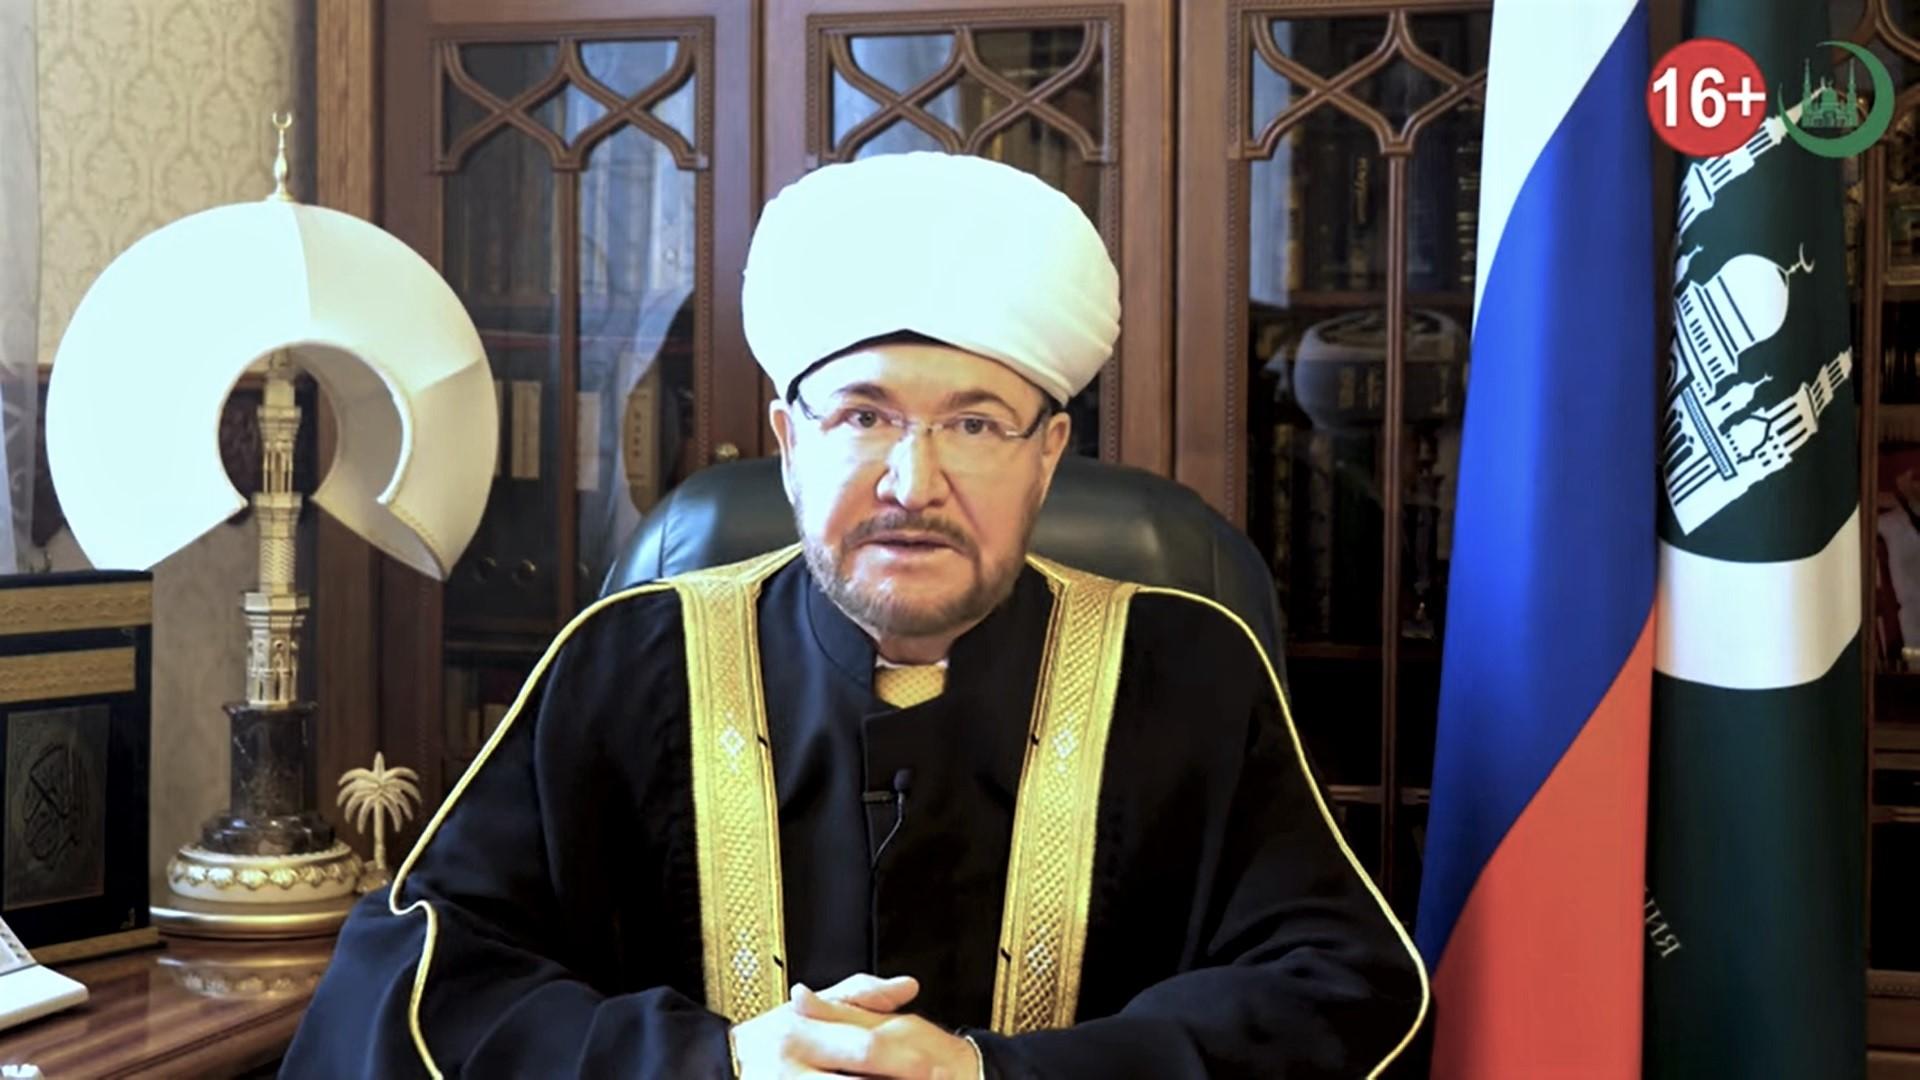 Муфтий Гайнутдин на татарском и русском призвал к переписи - 2021